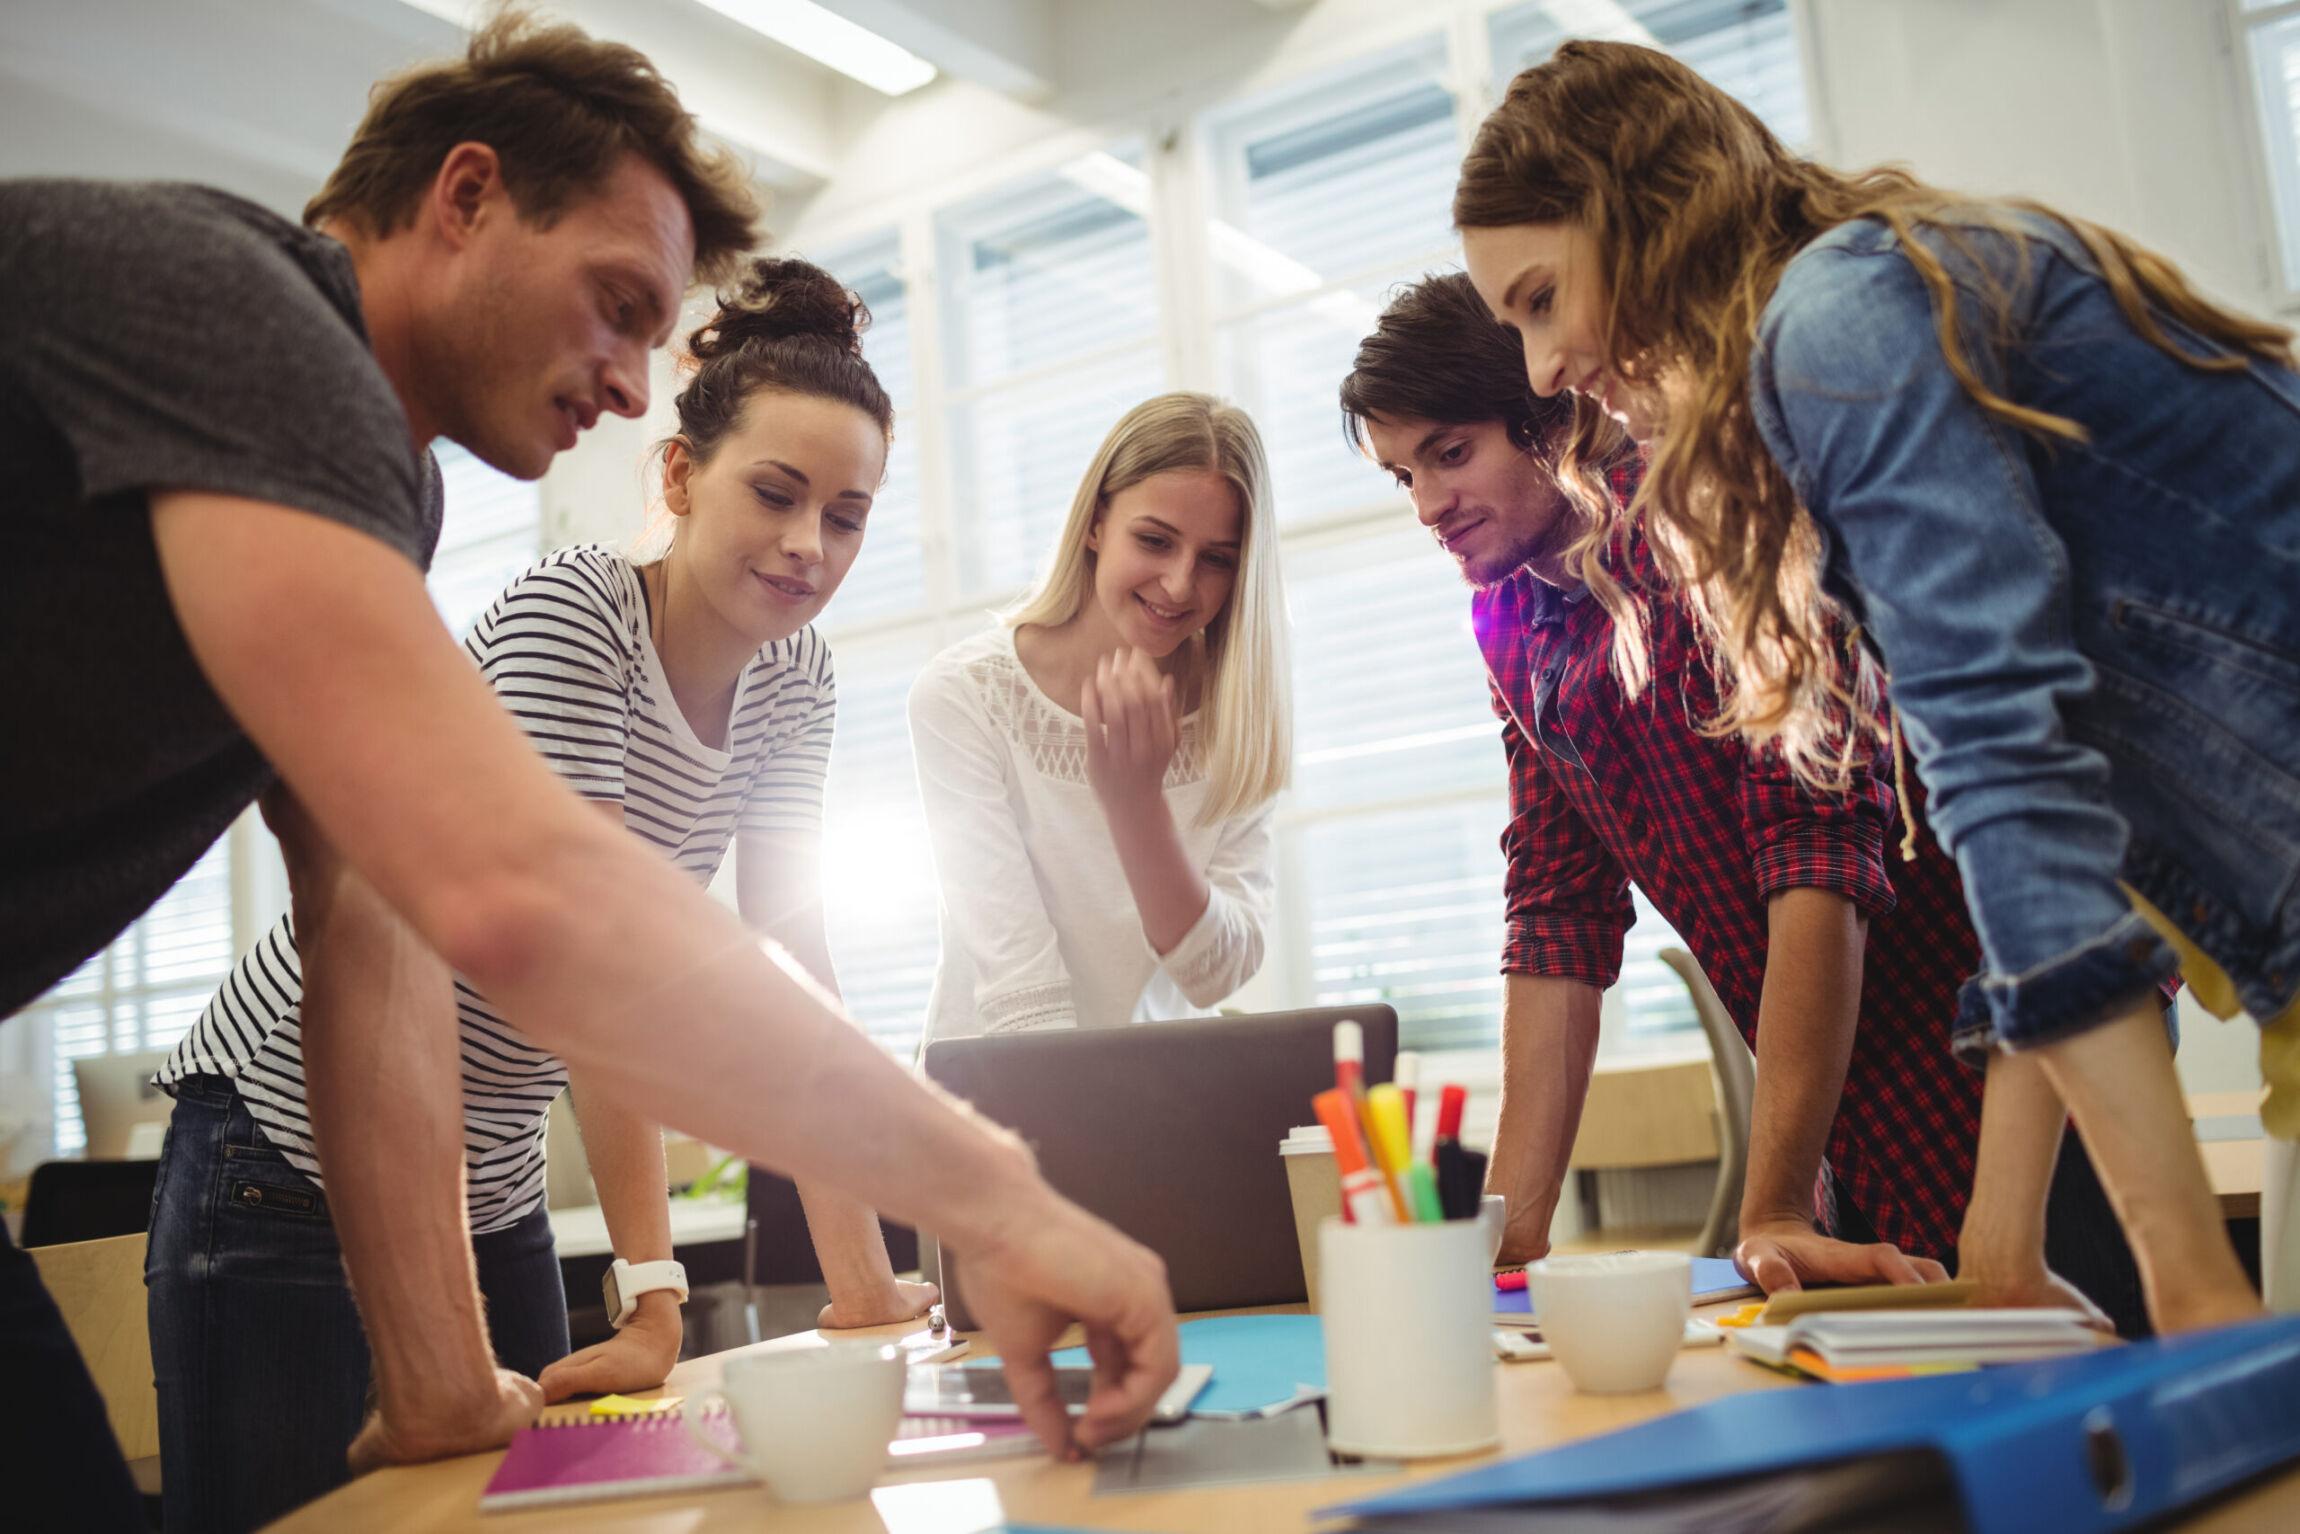 Sviluppare il quoziente emotivo per creare benessere lavorativo